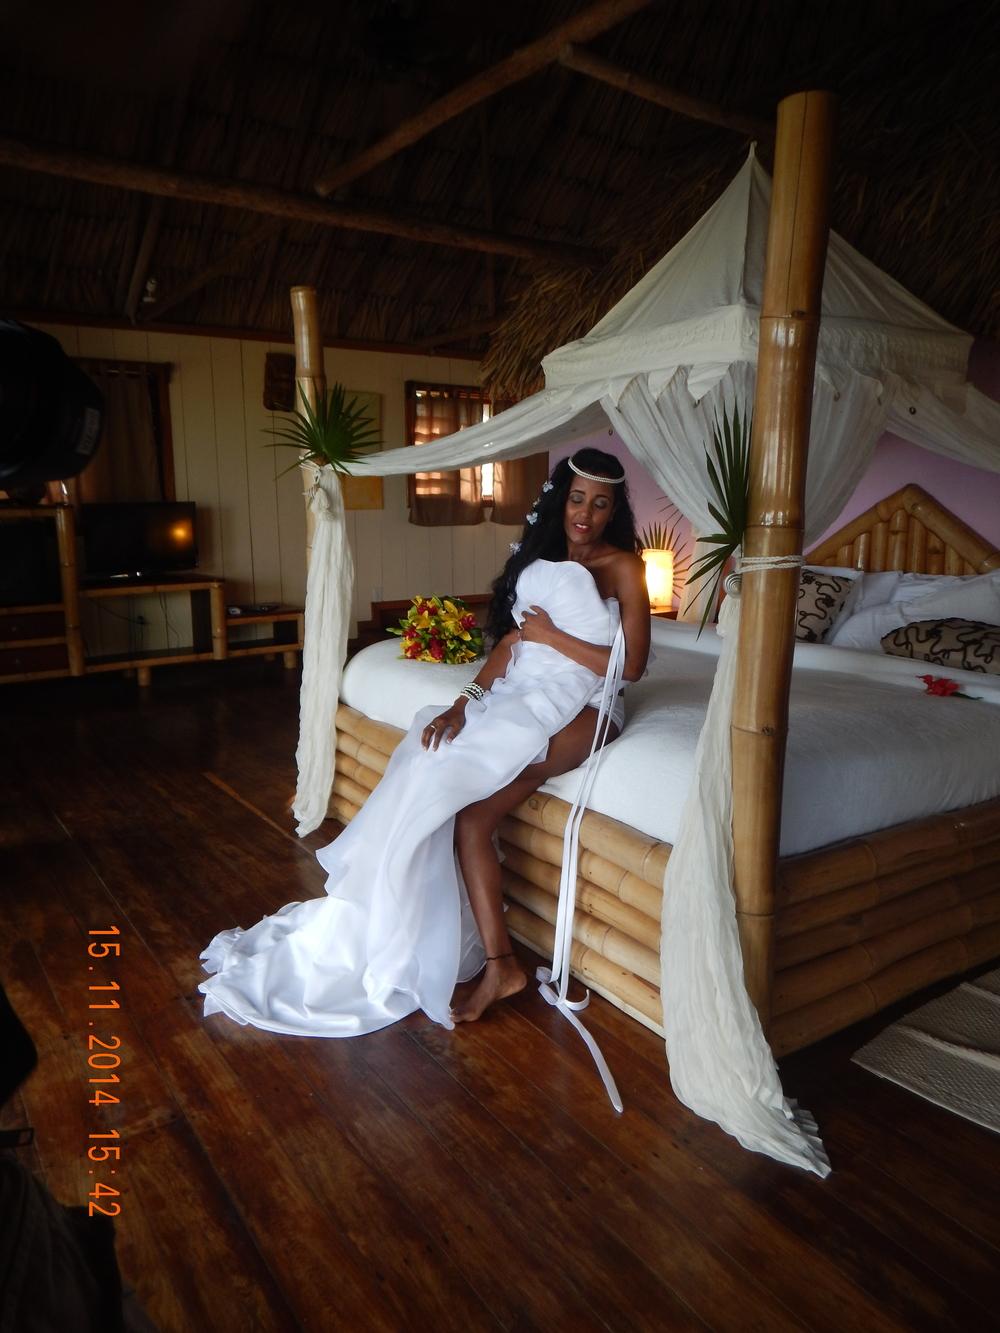 Portofino wedding nov,15 2014 017.jpg